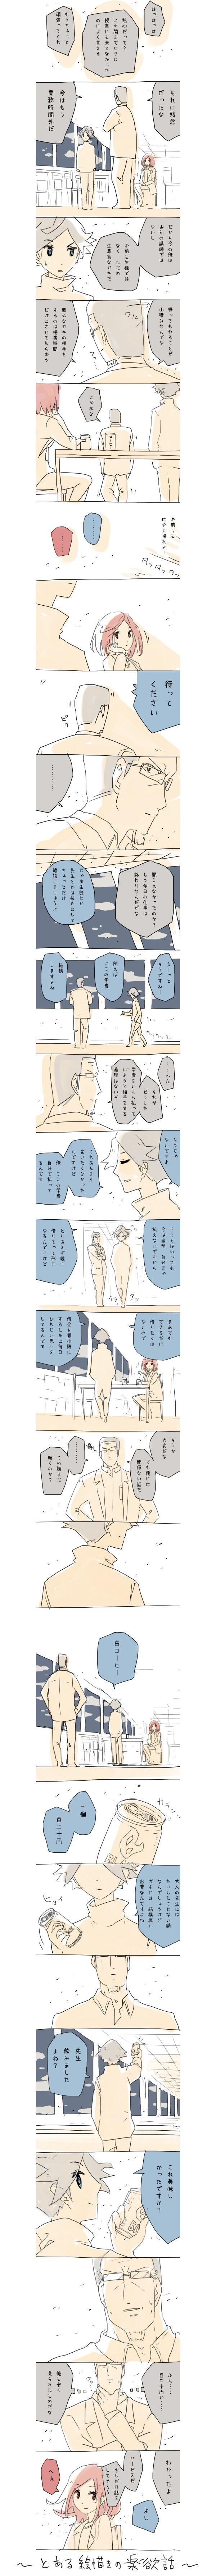 b21_12.jpg